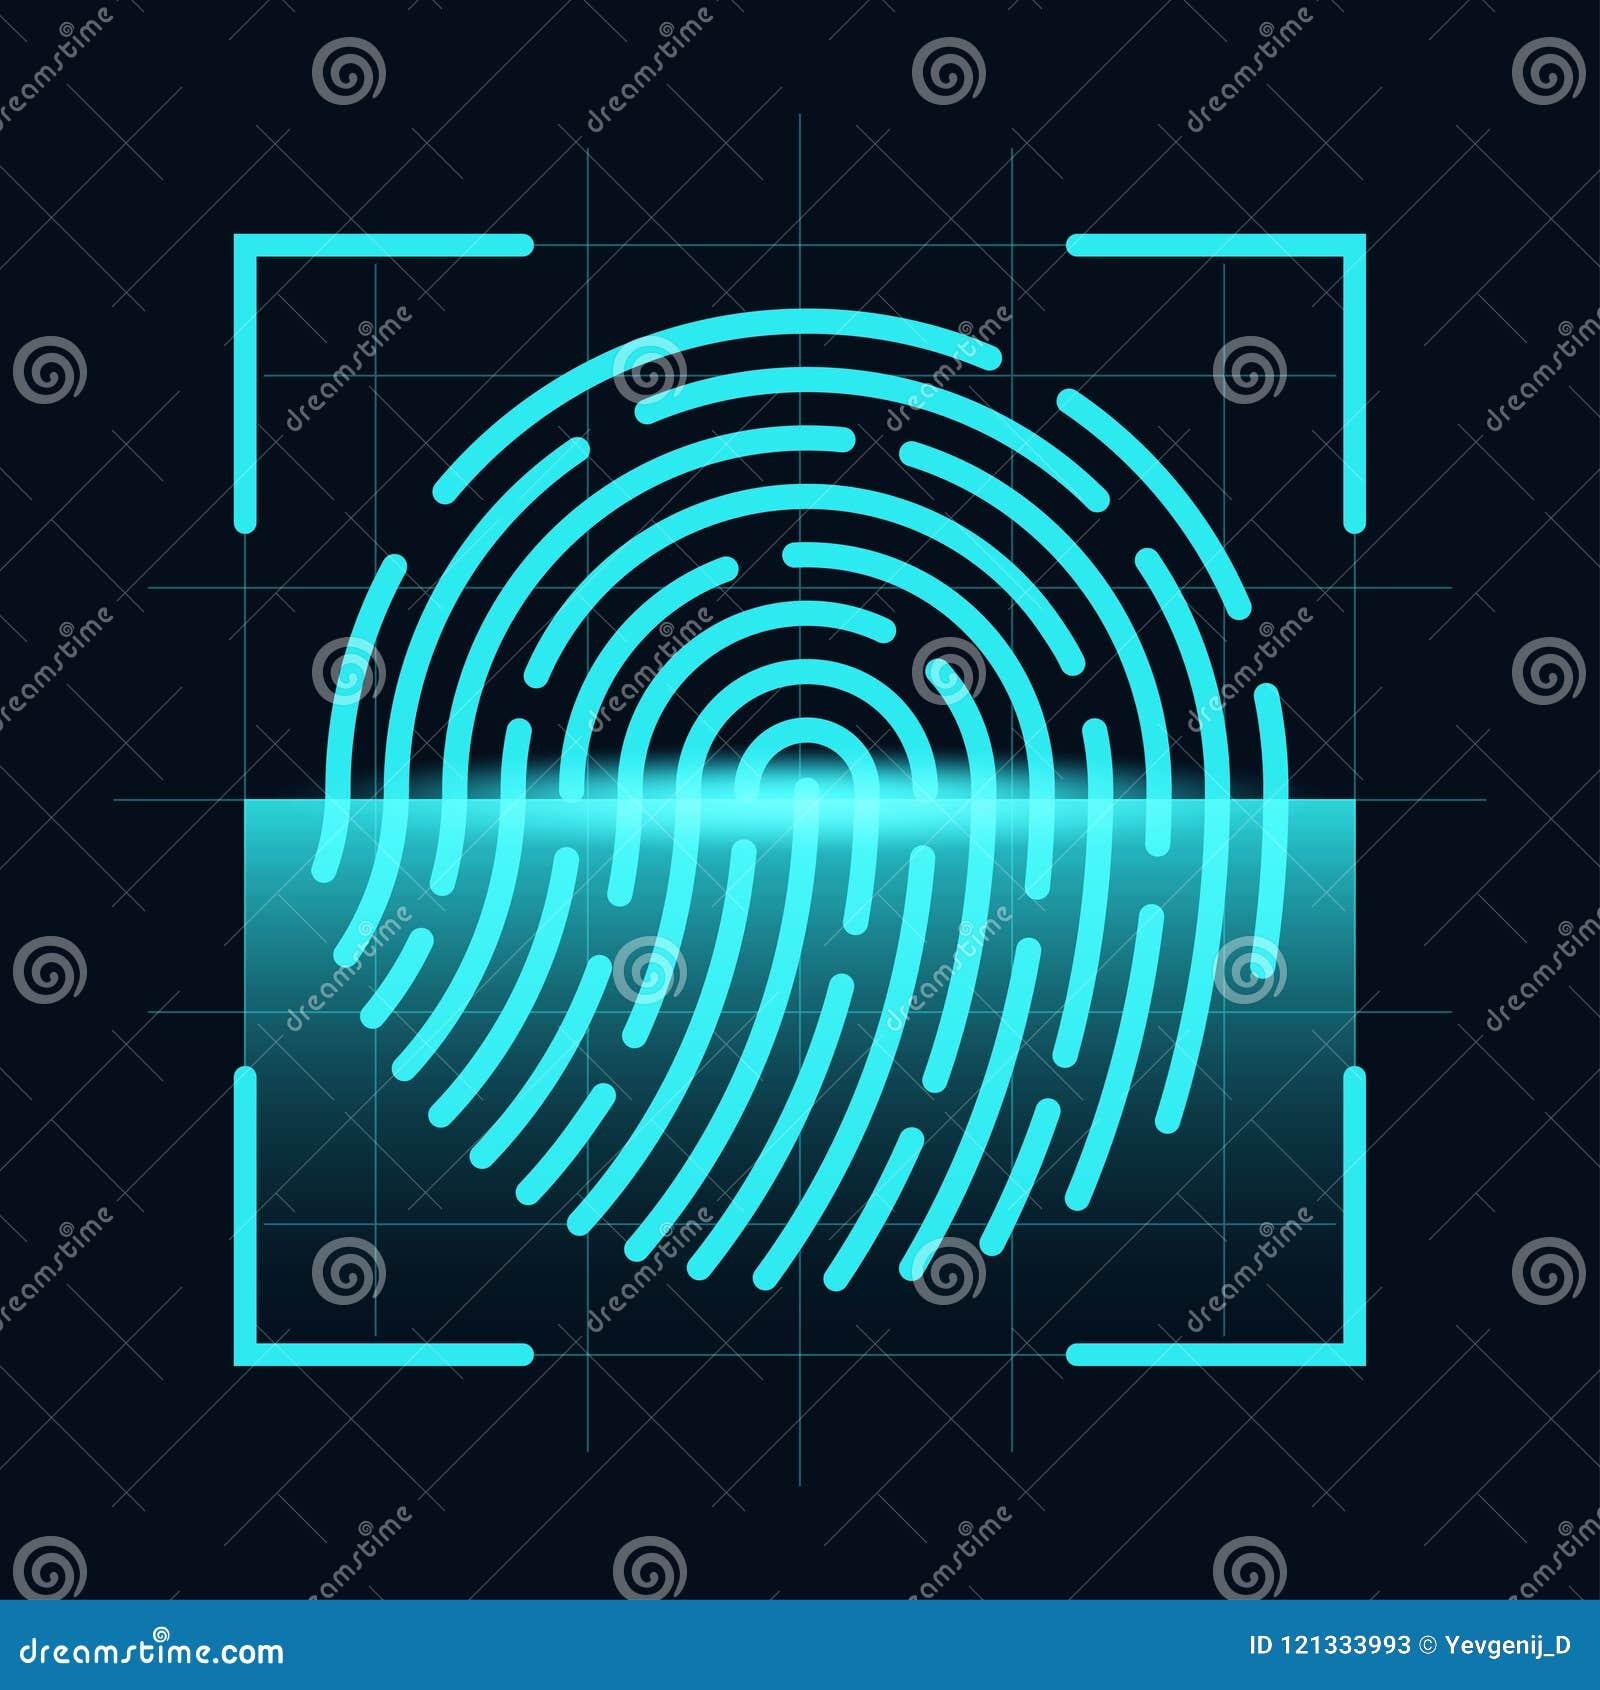 Έννοια ανιχνευτών δακτυλικών αποτυπωμάτων Ψηφιακός και cyber ασφάλεια, βιομετρική έγκριση Δακτυλικό αποτύπωμα στην οθόνη ανίχνευσ